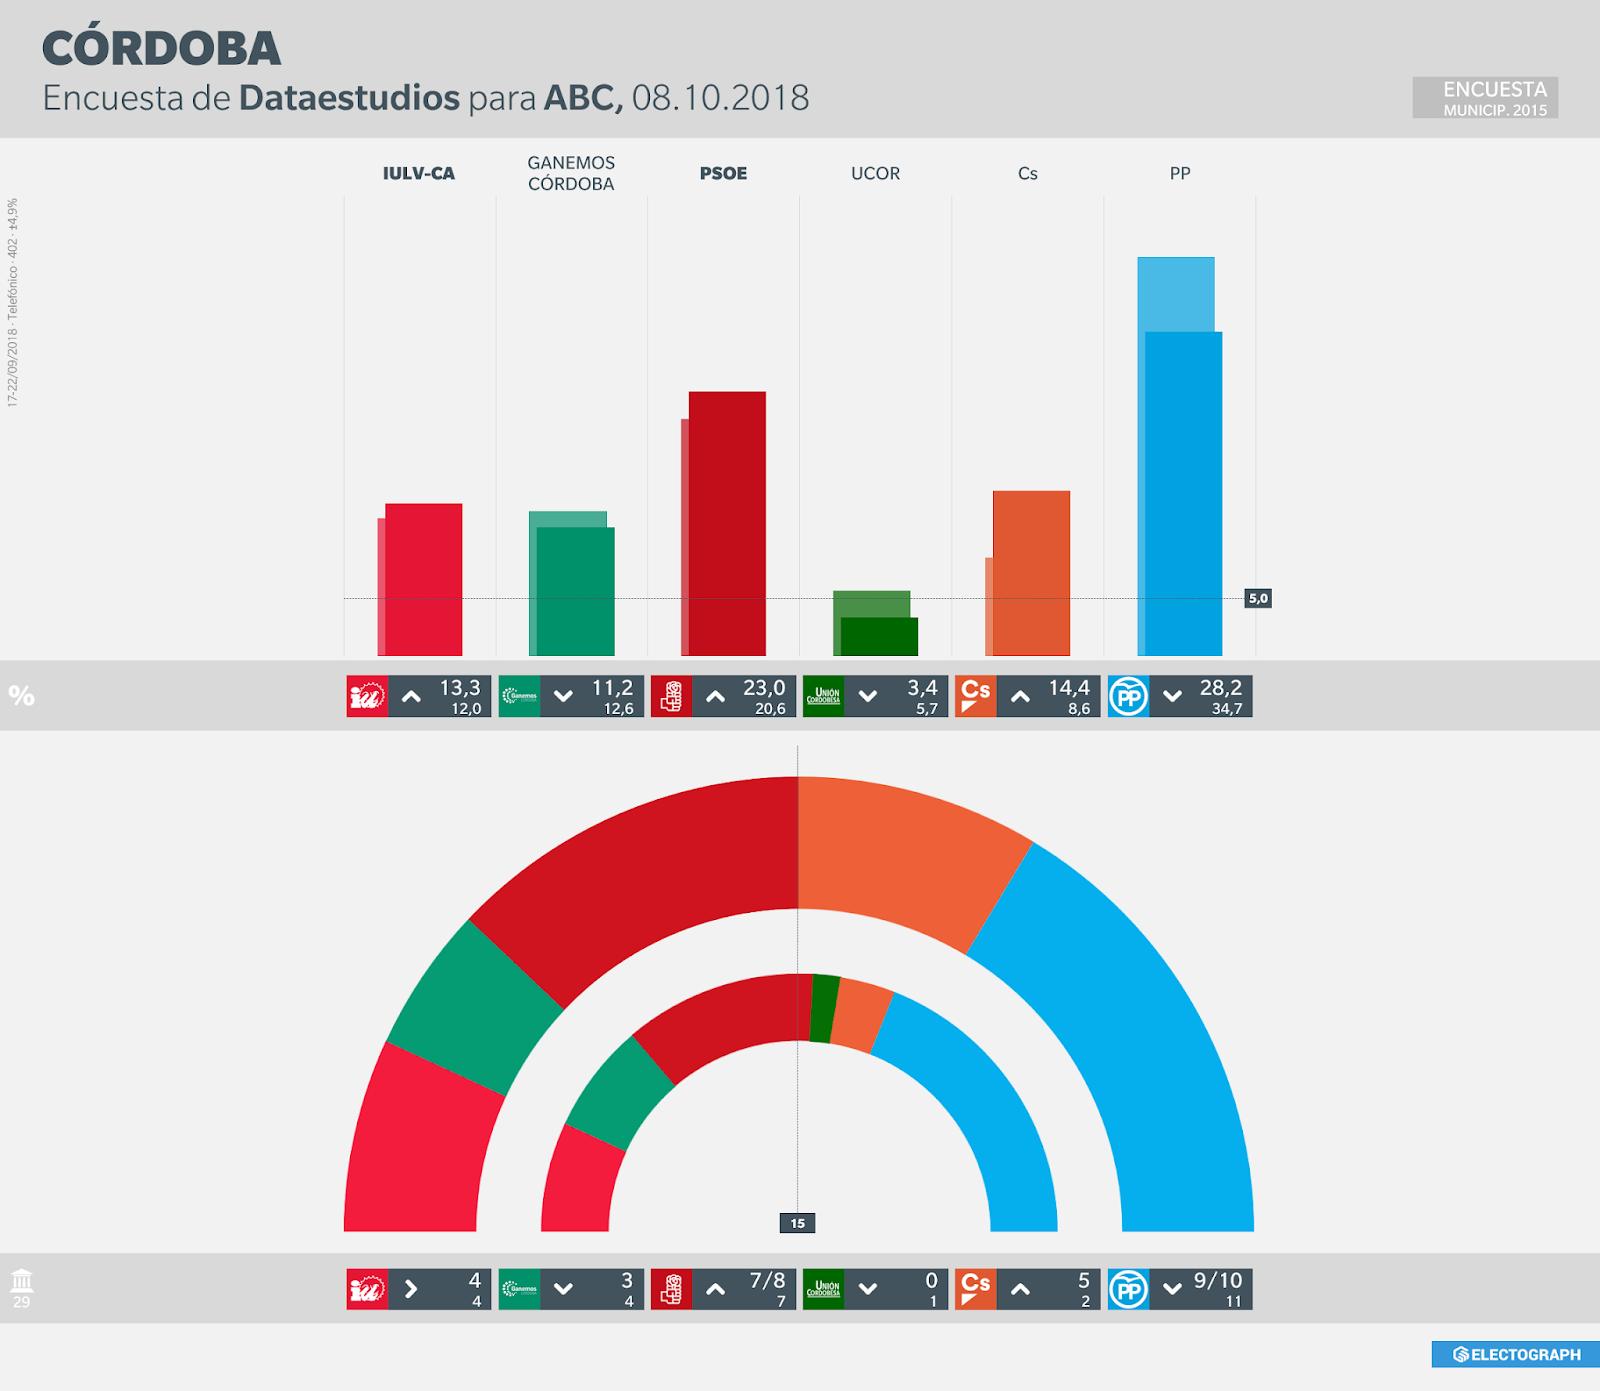 Gráfico de la encuesta para elecciones municipales en Córdoba realizada por Dataestudios para ABC en septiembre de 2018